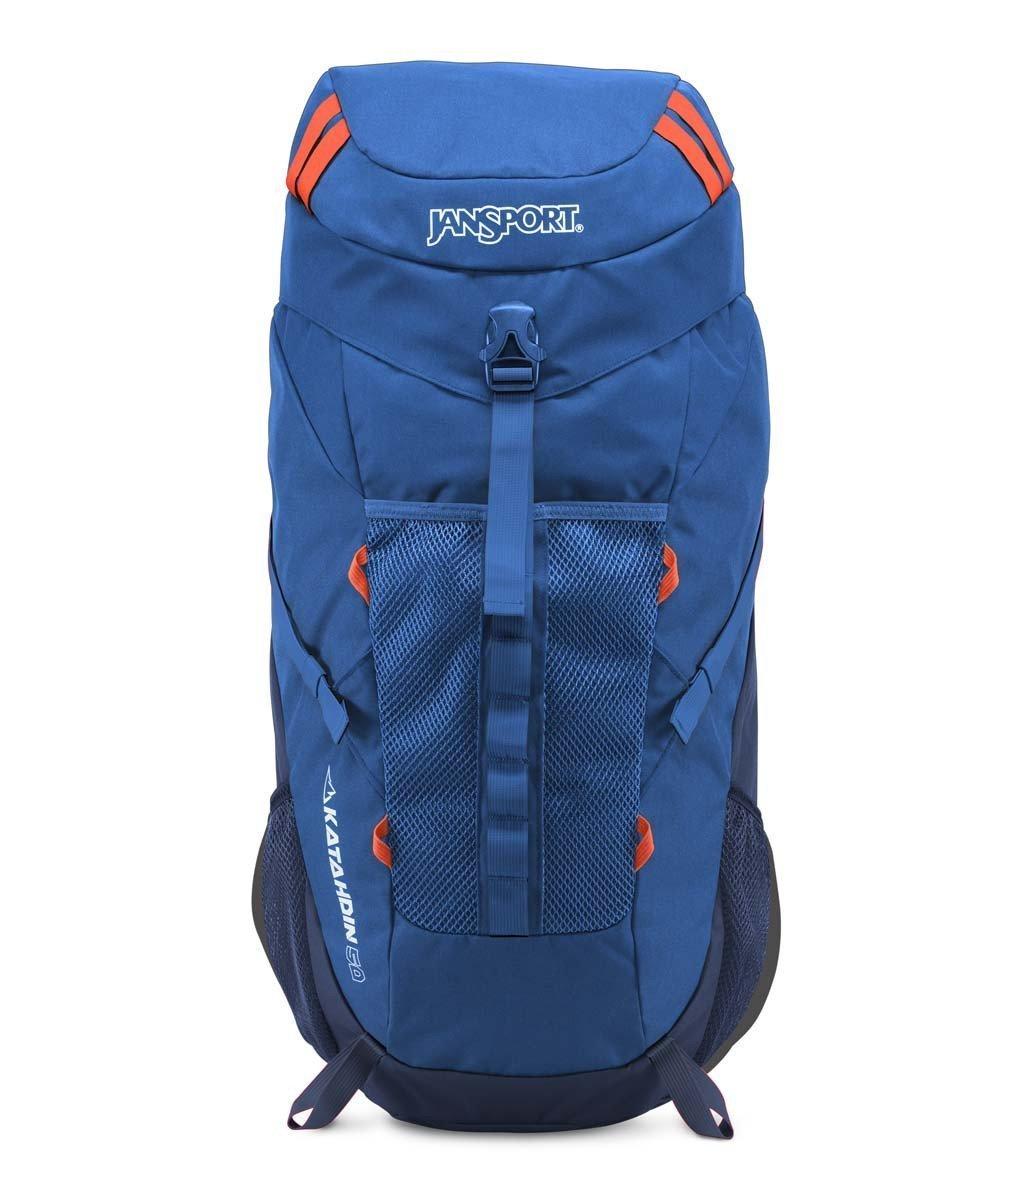 JanSport Katahdin 50L Weekend Backpack - Adjustable Fit